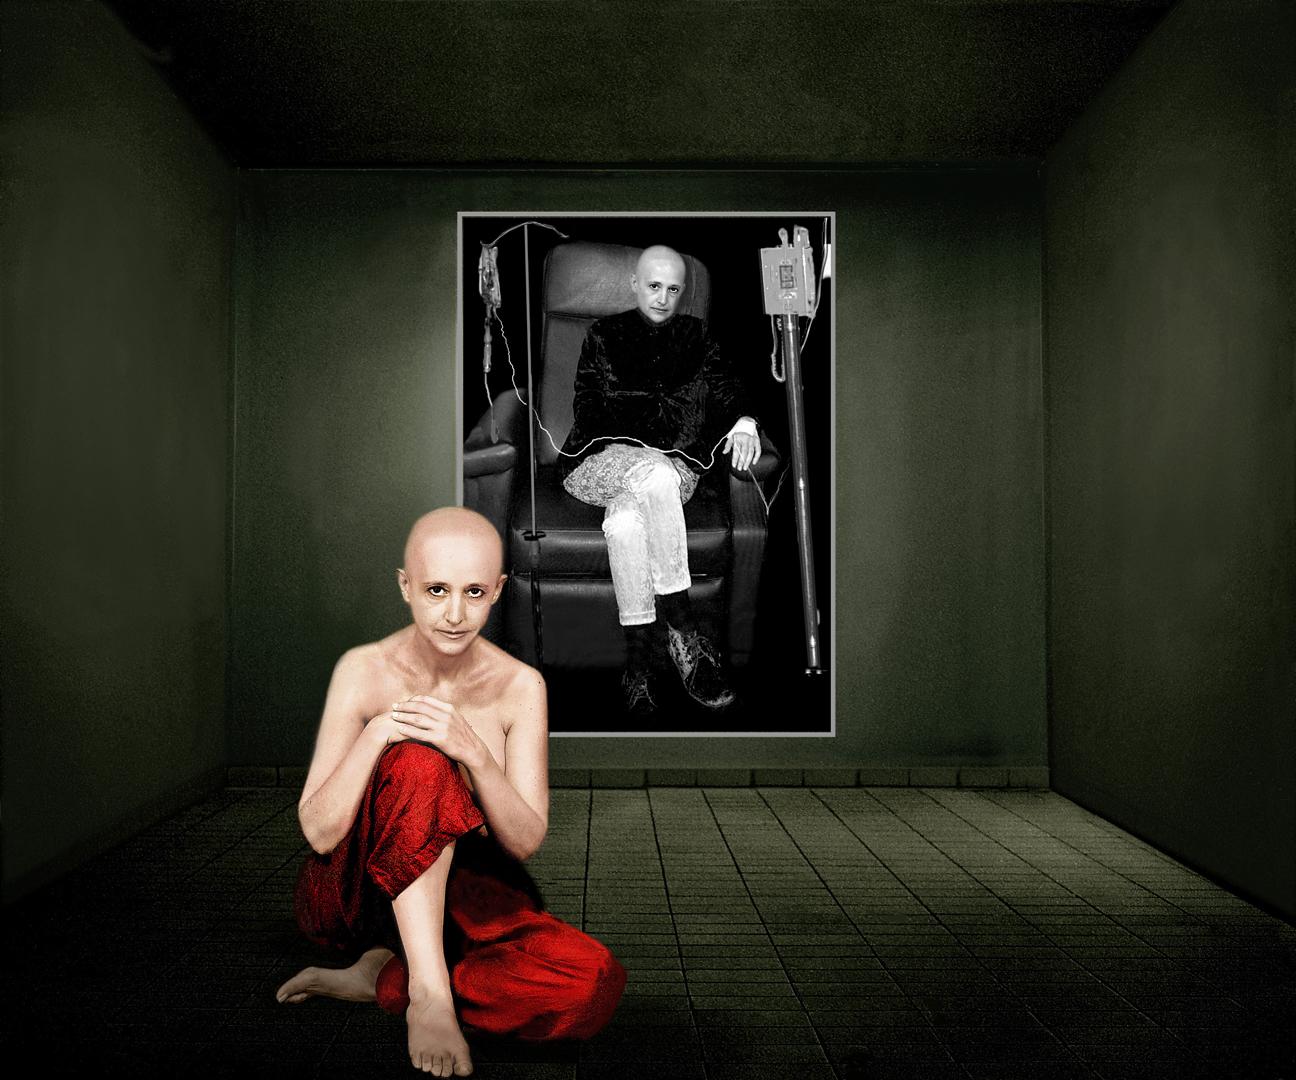 6 fotos, 6 sesiones de quimioterapia